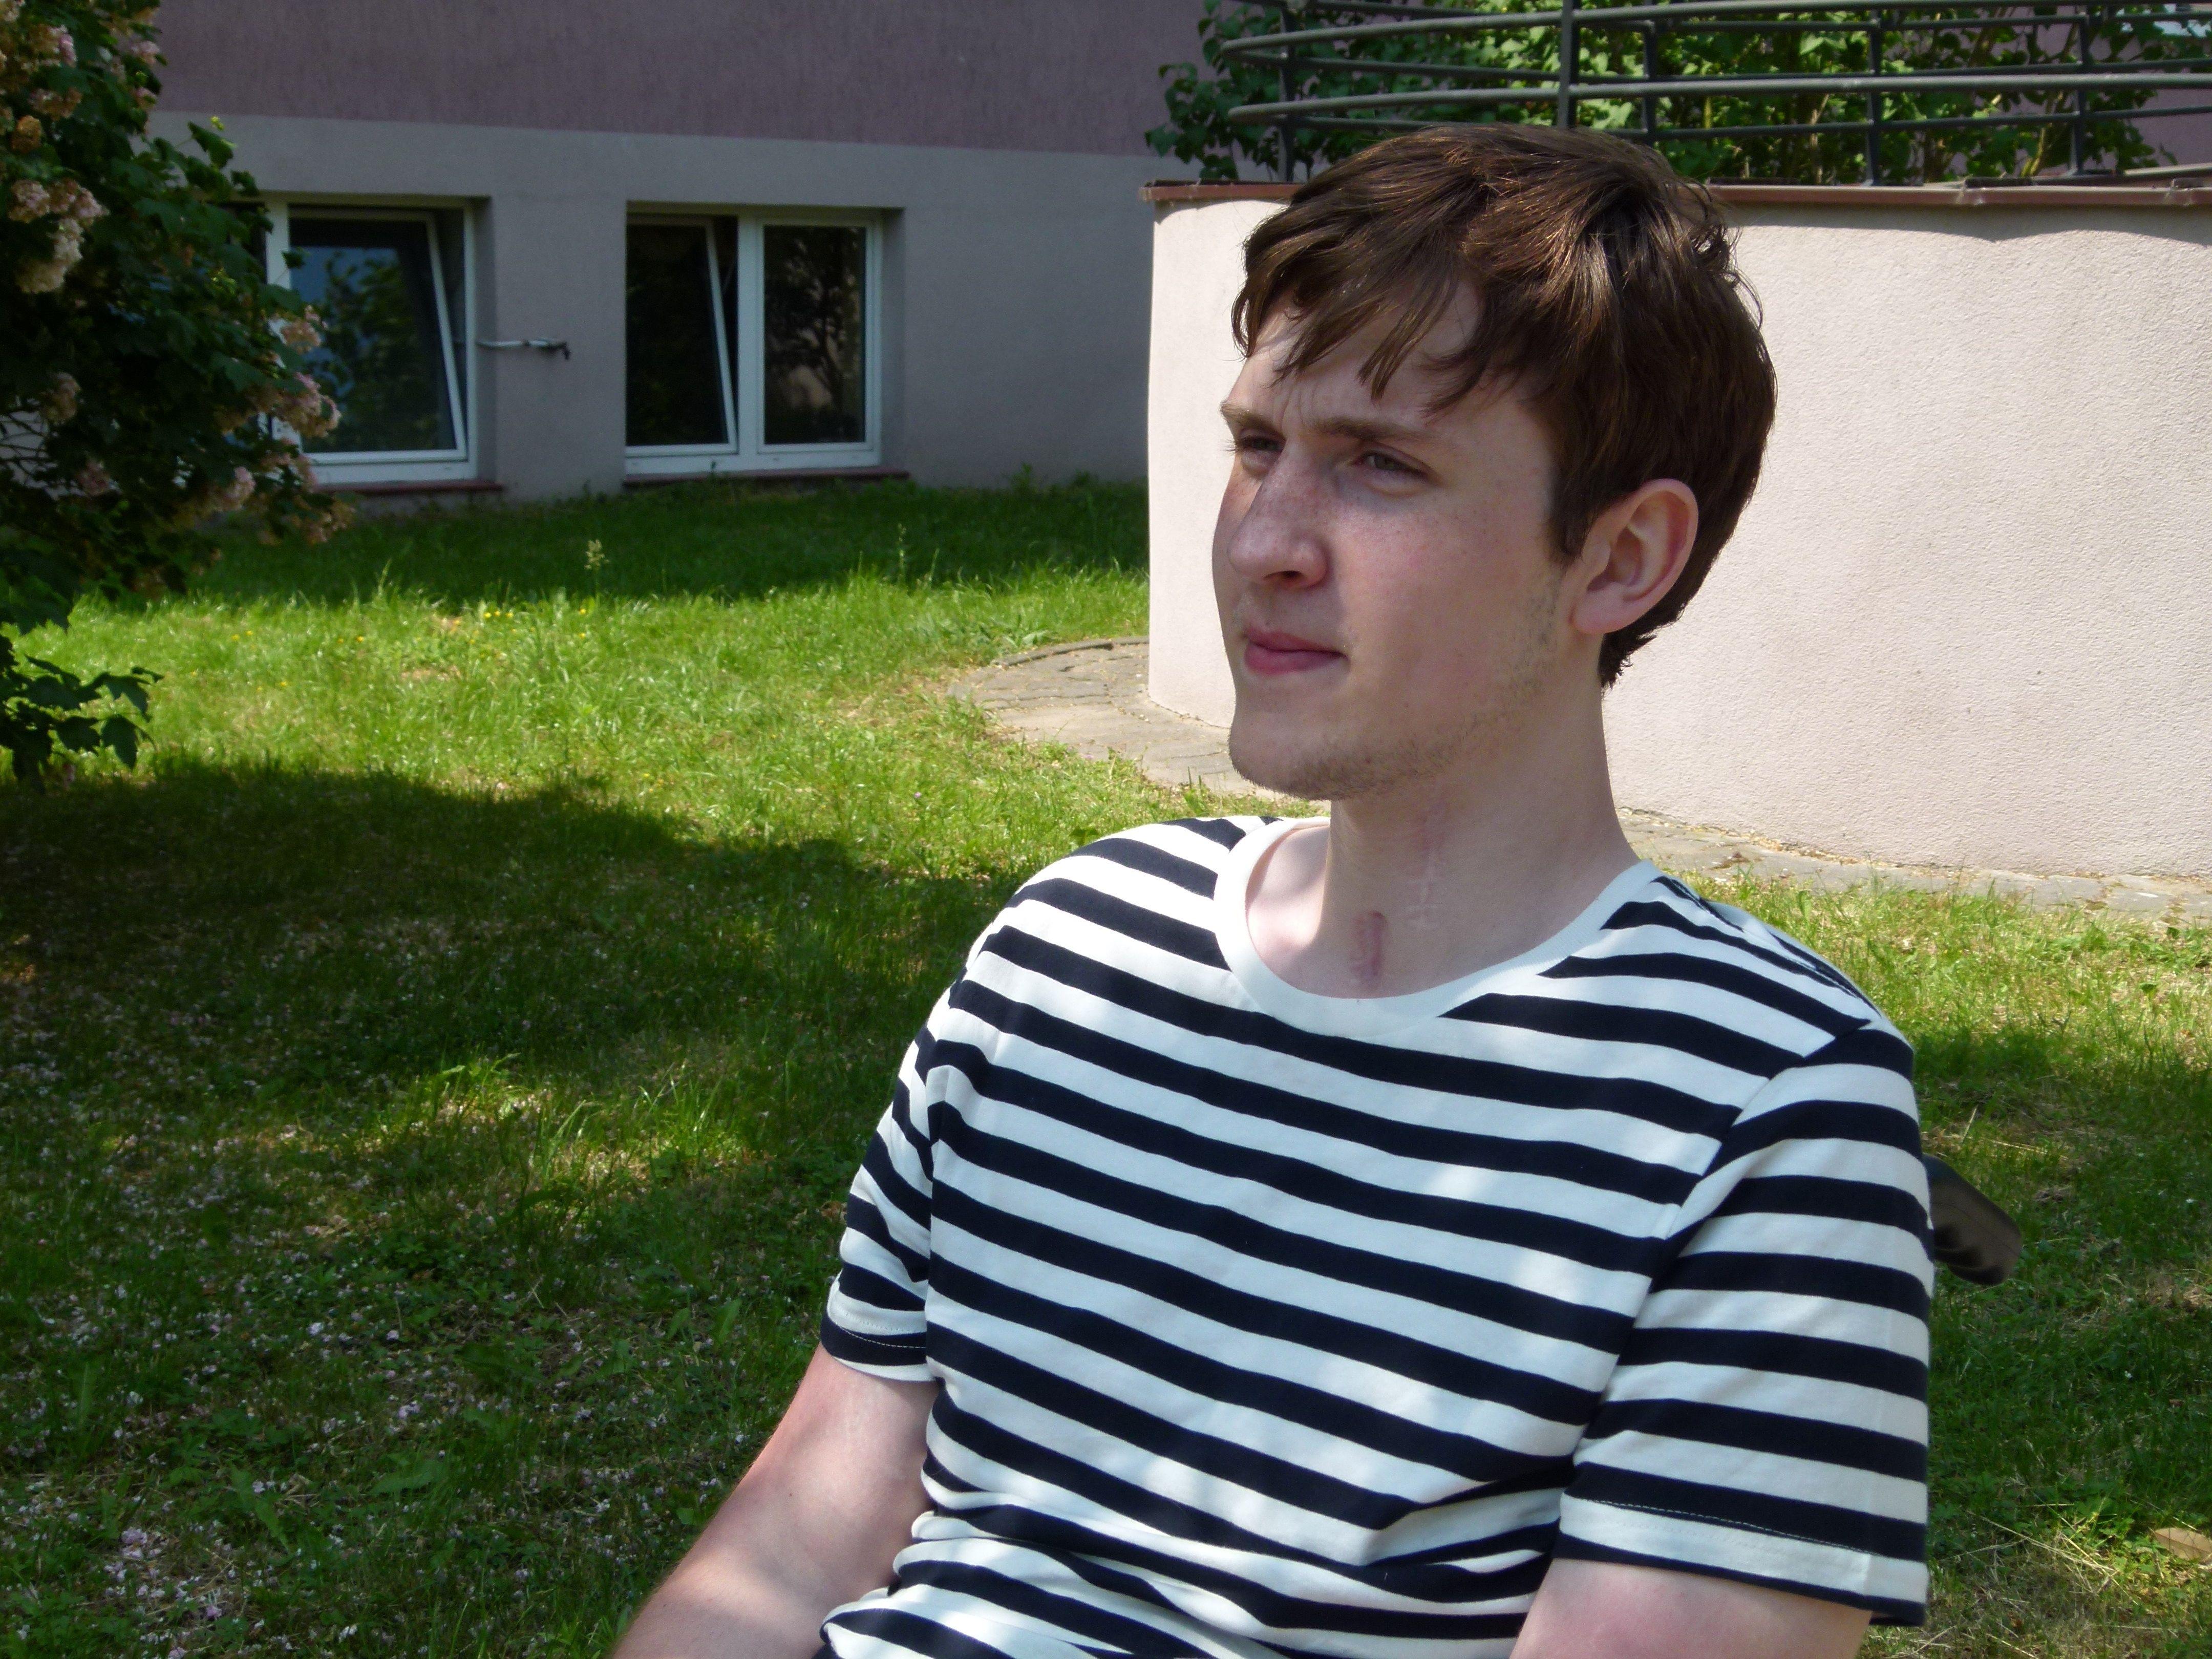 Mateusz zdrowieje w kowalskim Domu Pomocy Społecznej